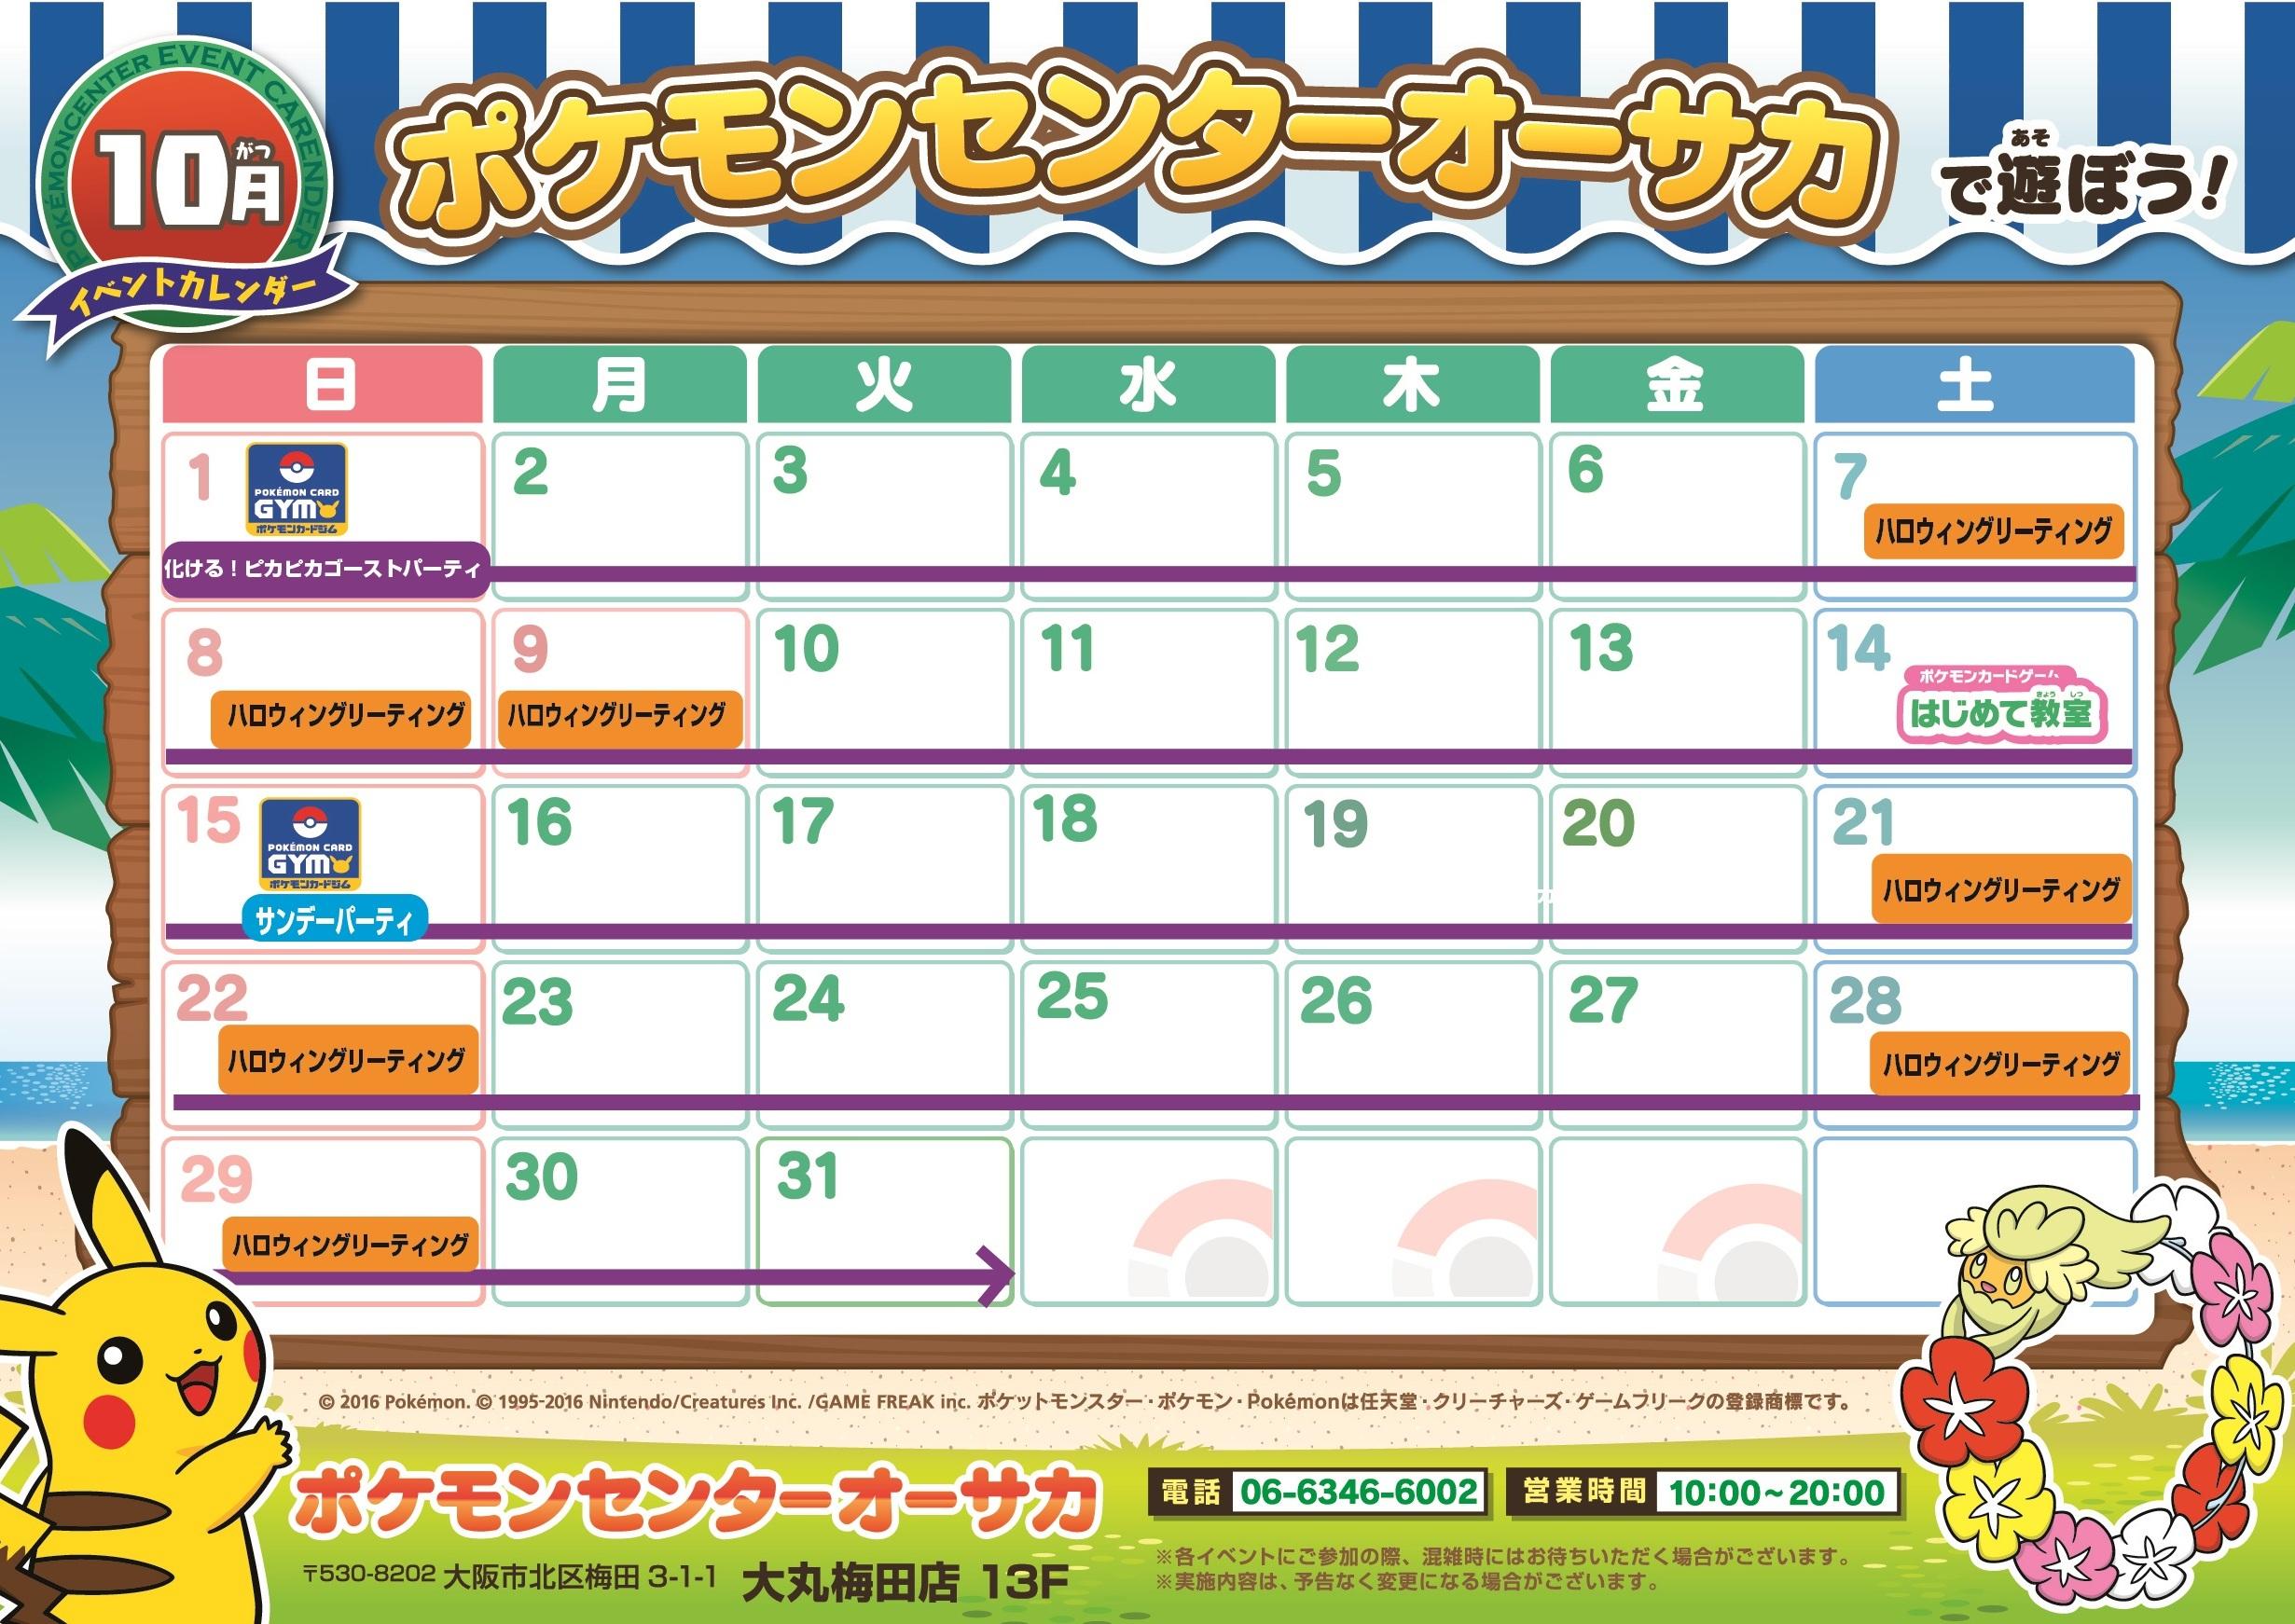 ポケモンセンターオーサカ☆10月のイベントカレンダー☆|ポケモン